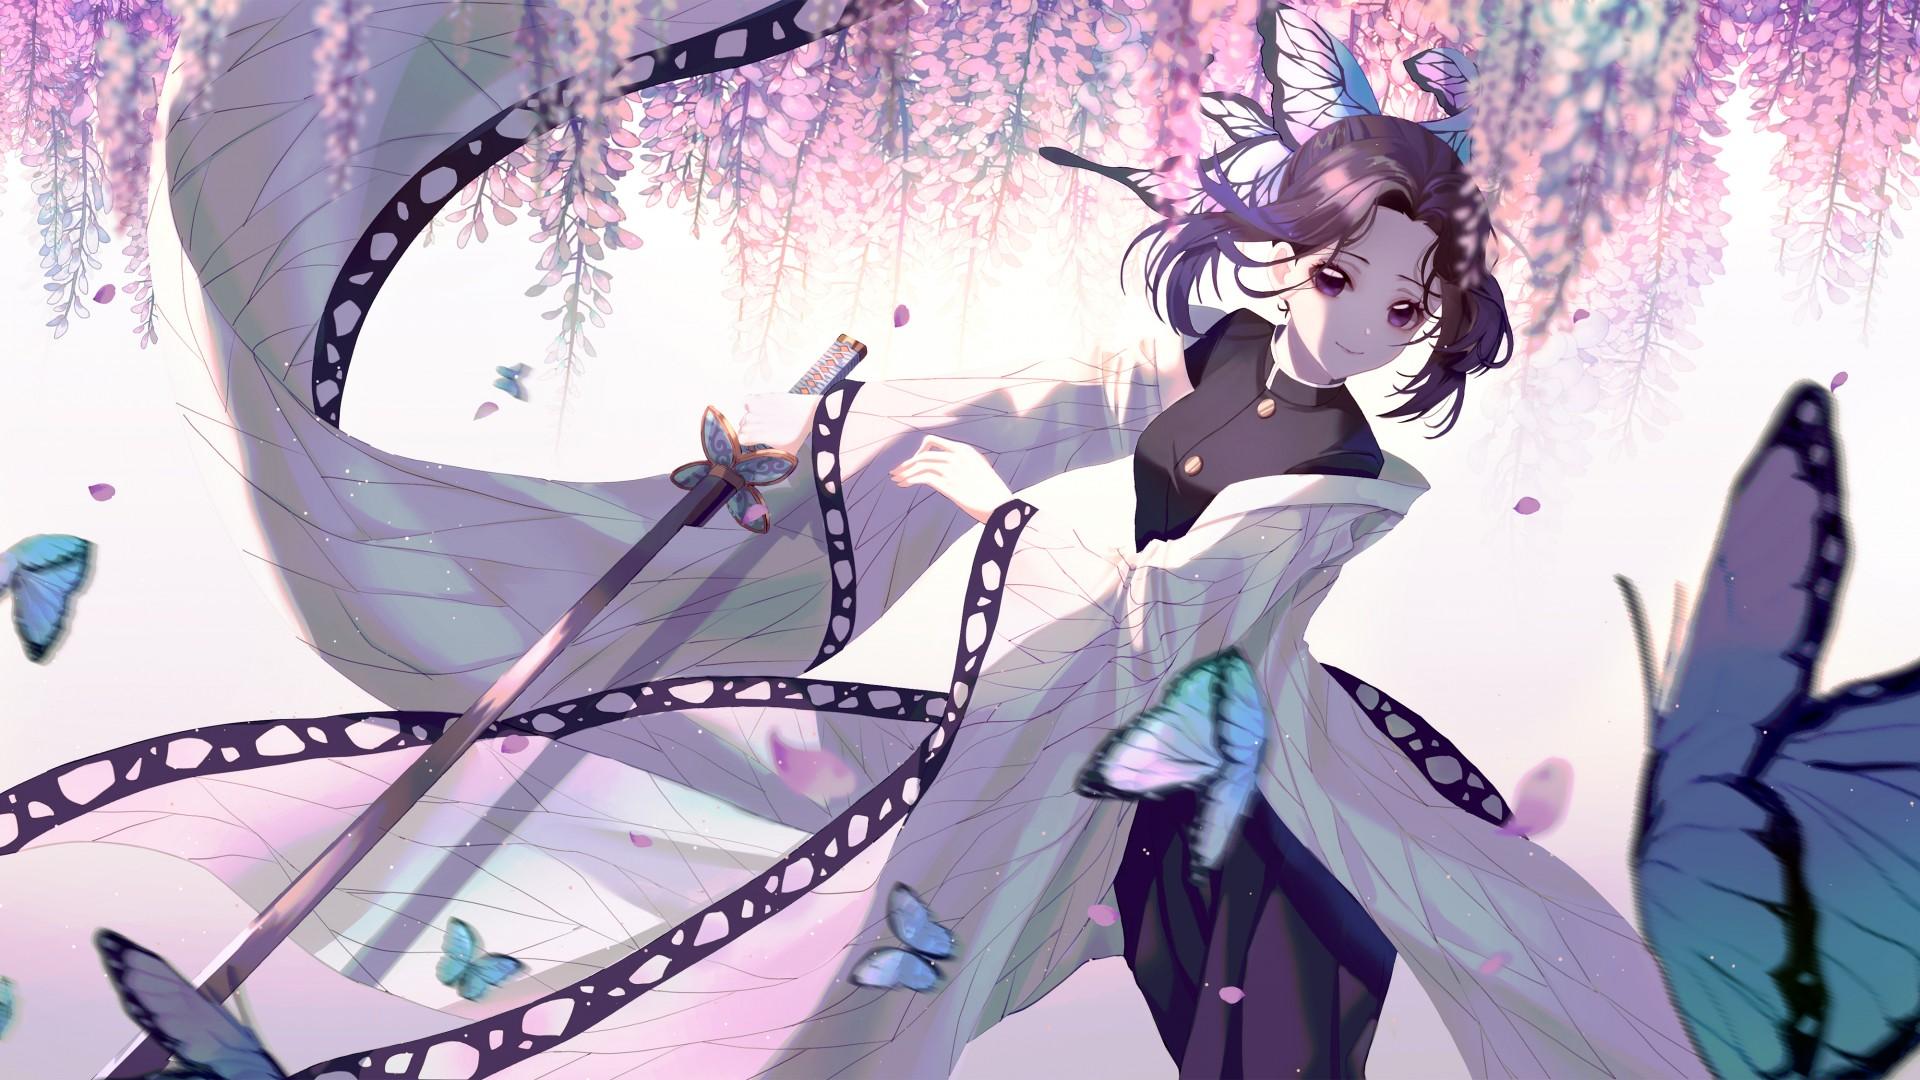 Cute Shinobu Wallpaper Shinobu Kochou Anime 4k Wallpapers Hd Wallpapers Id 30103